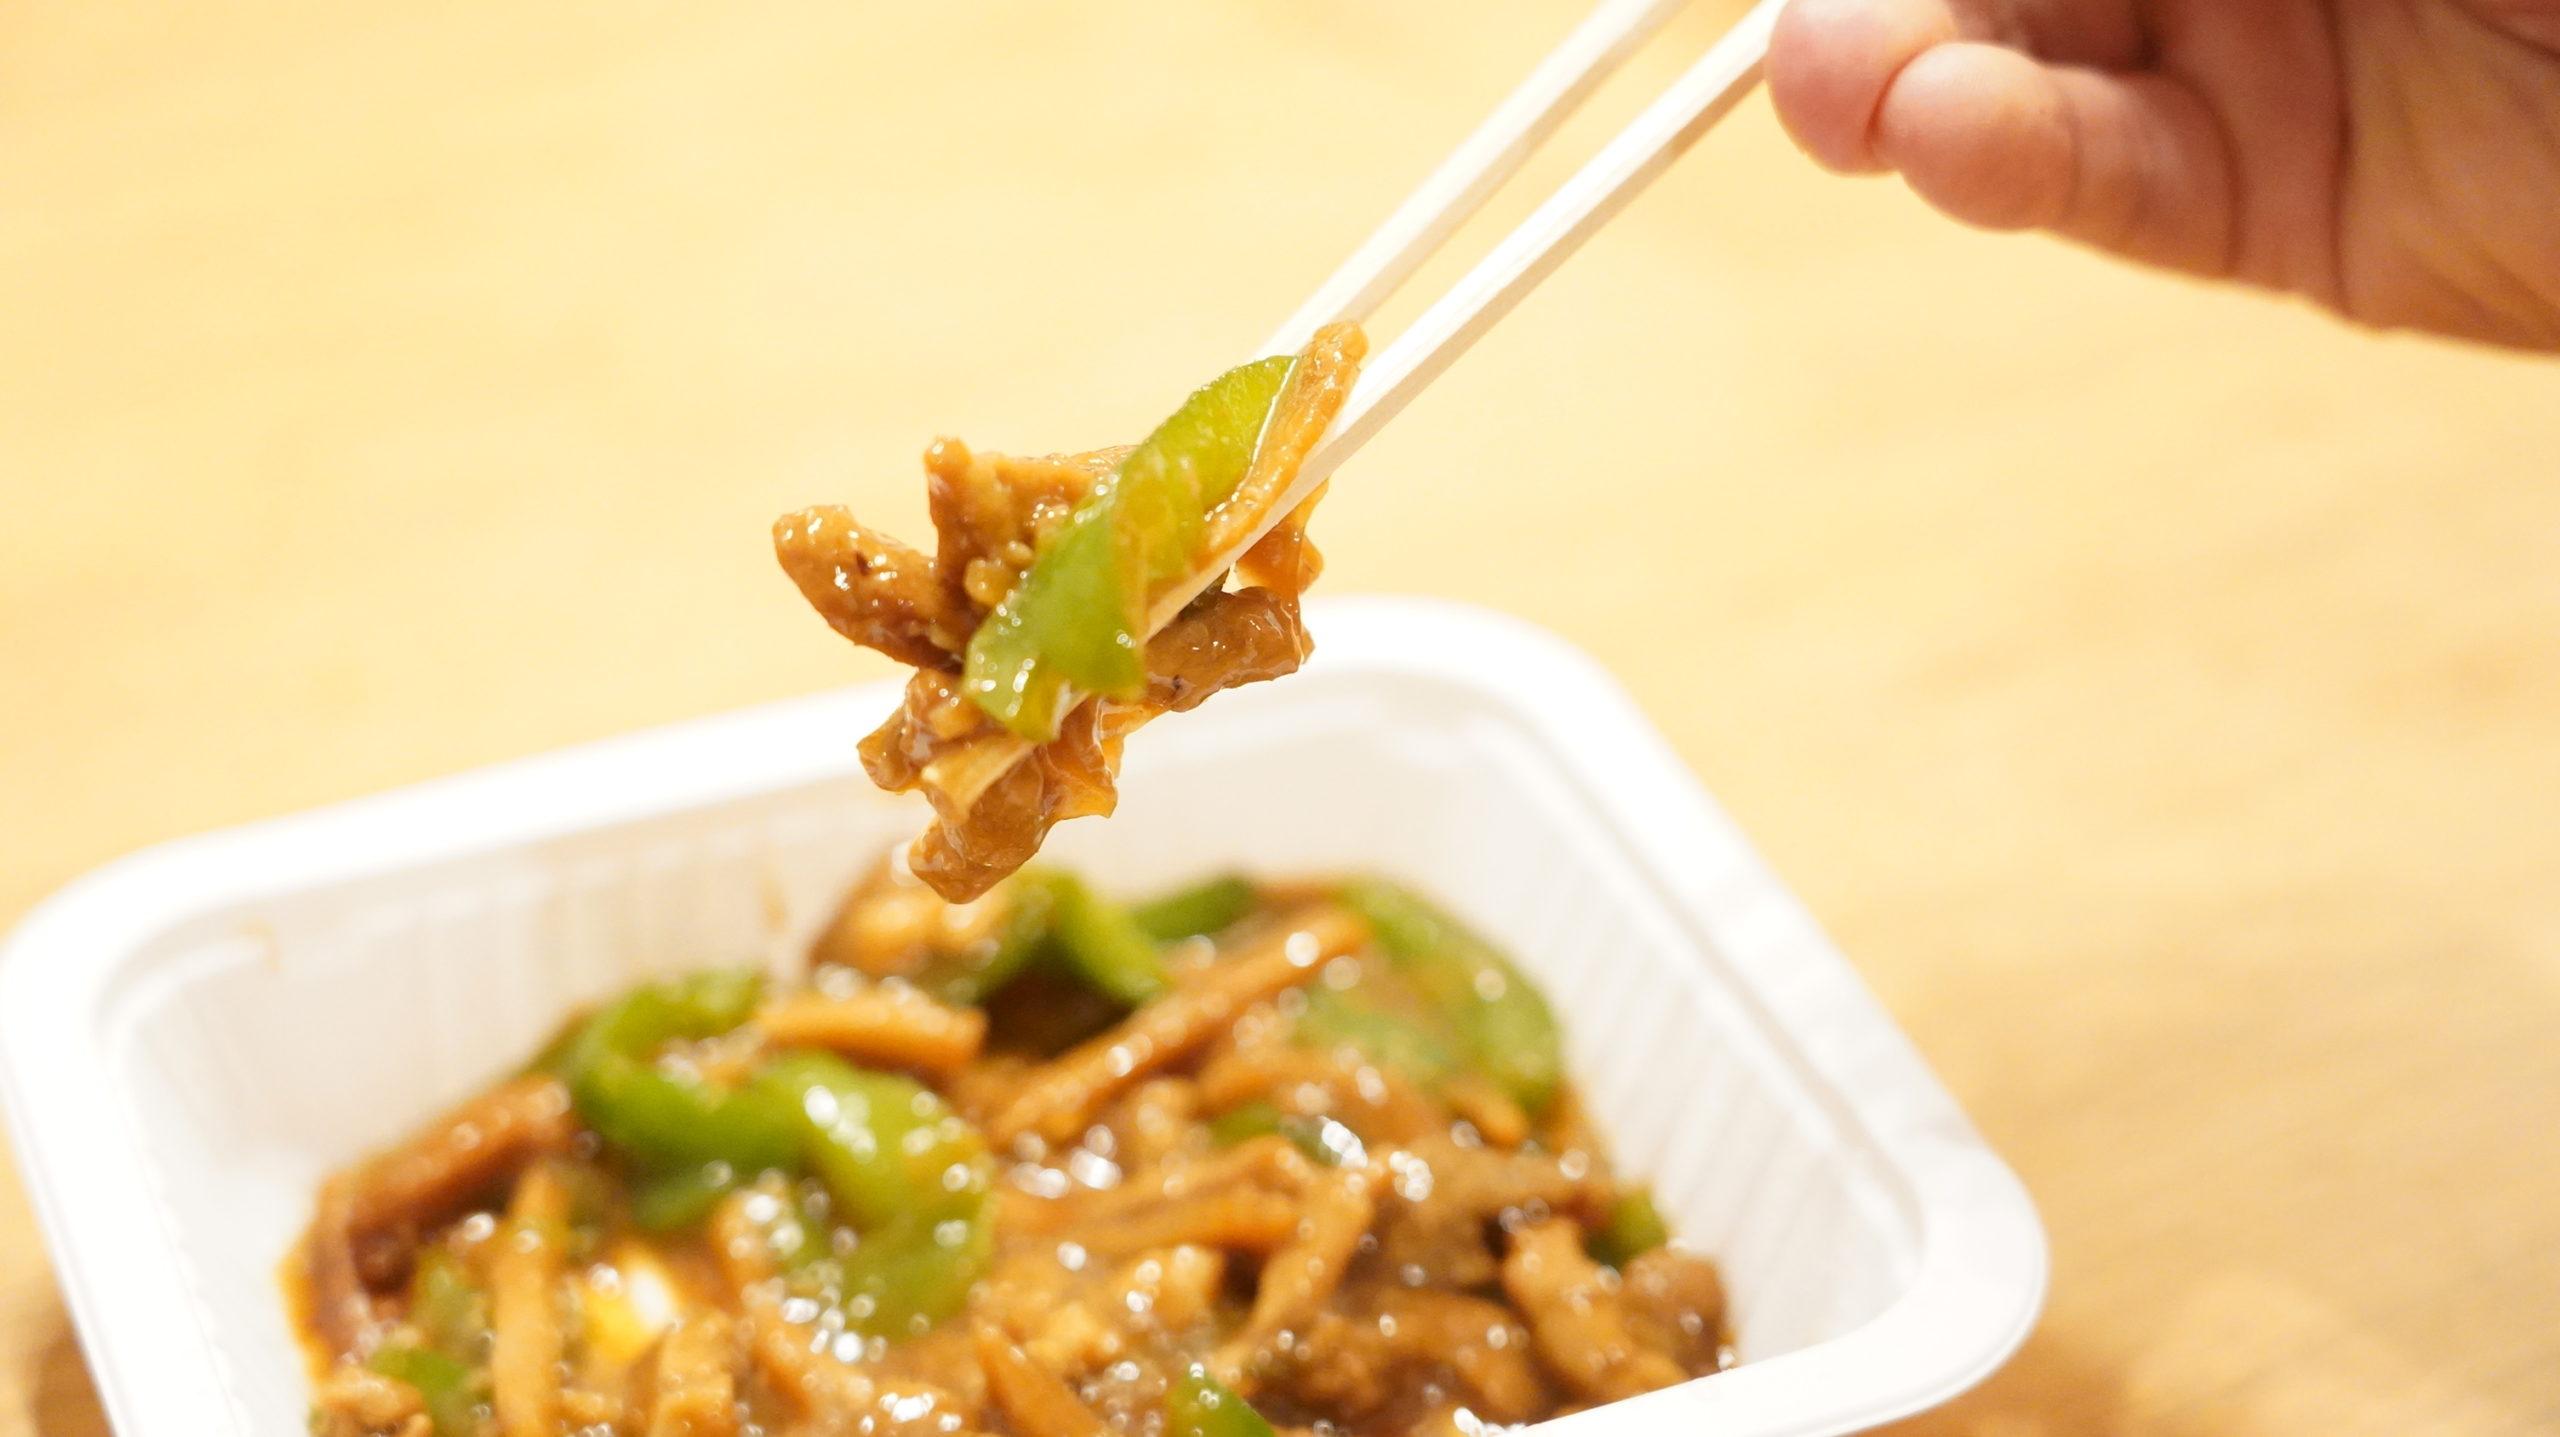 セブンイレブンの冷凍食品「やみつきになる香ばしさ・青椒肉絲(チンジャオロースー」の濃厚なソースがかかったお肉とピーマンの写真